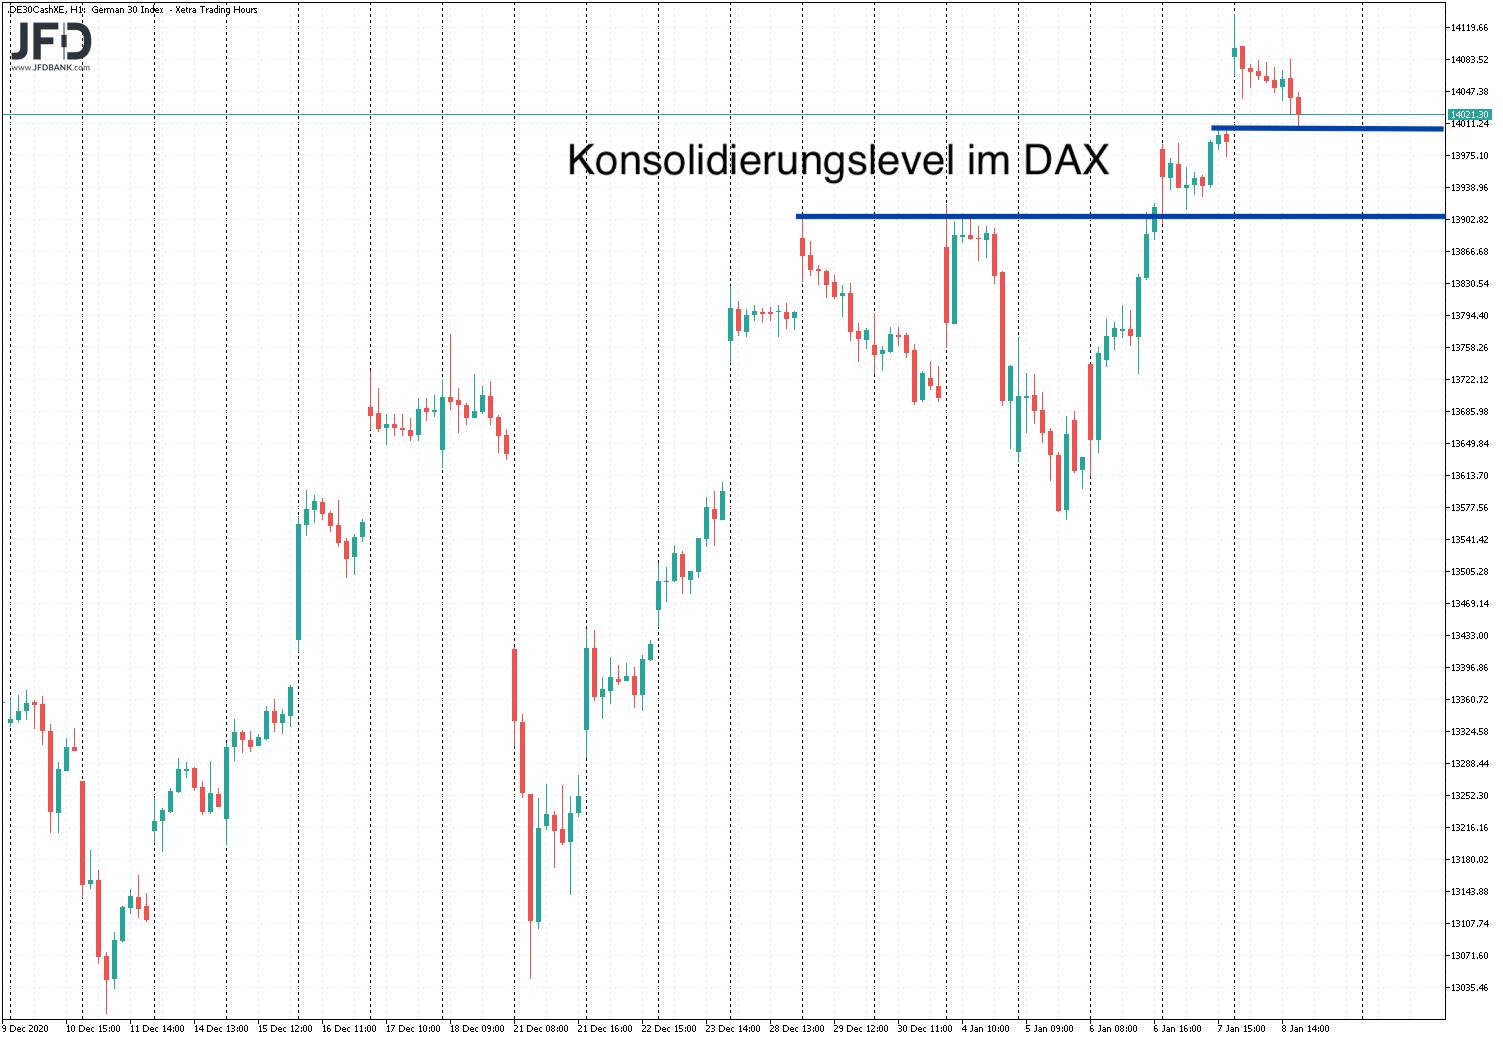 Vorsicht-bei-der-nächsten-DAX-Korrektur-Kommentar-JFD-Bank-GodmodeTrader.de-5